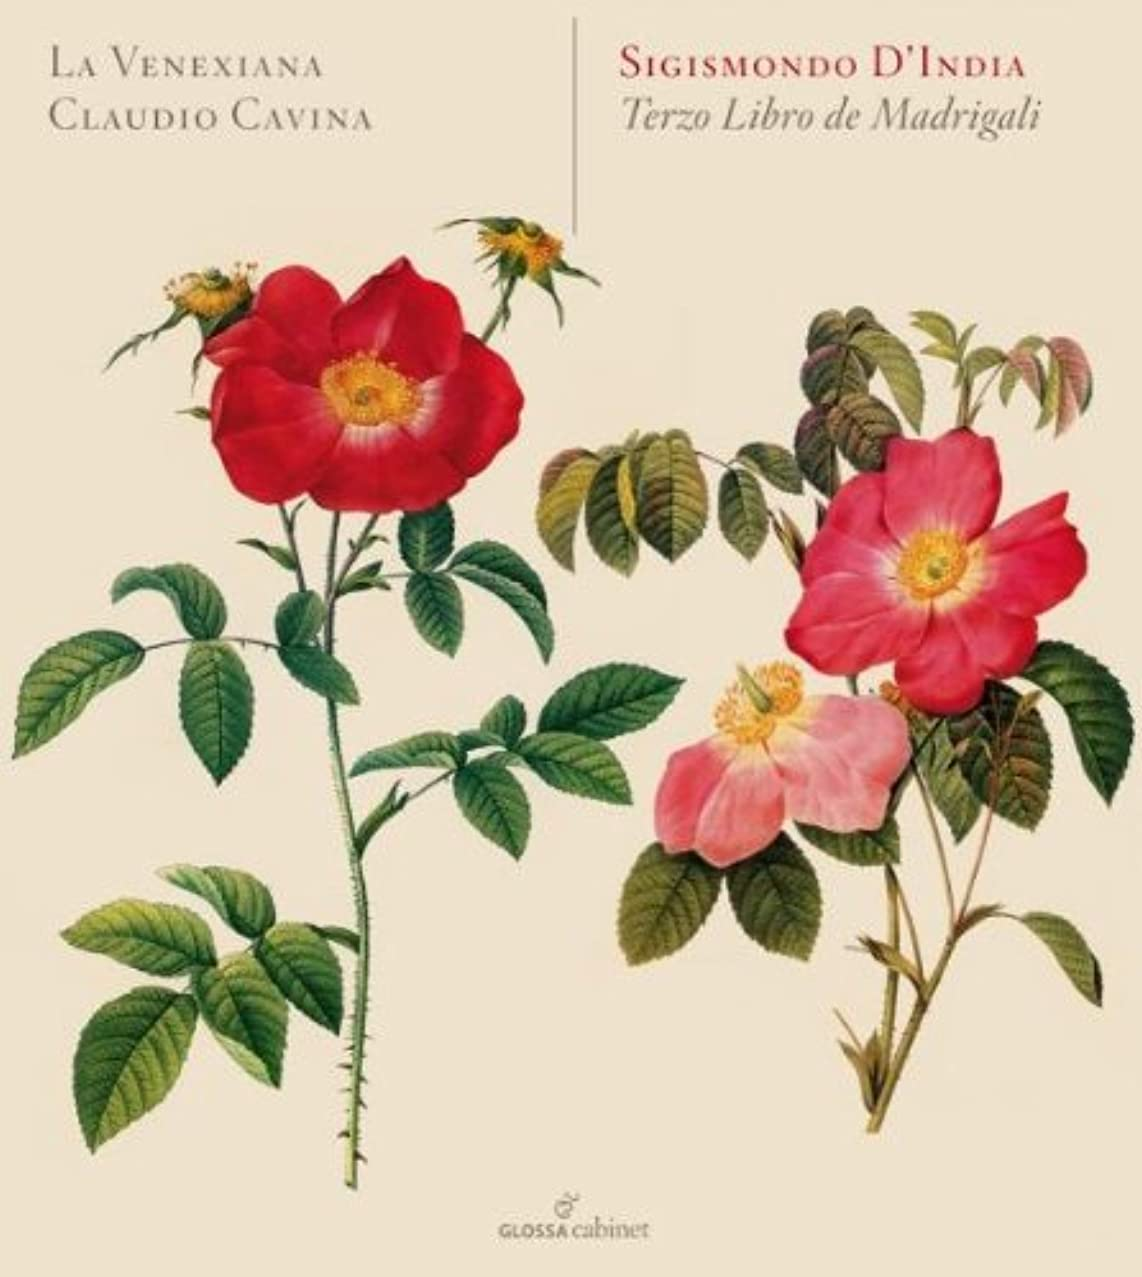 INDIA S. Terzo Libro De Madrigali Other Choral Music